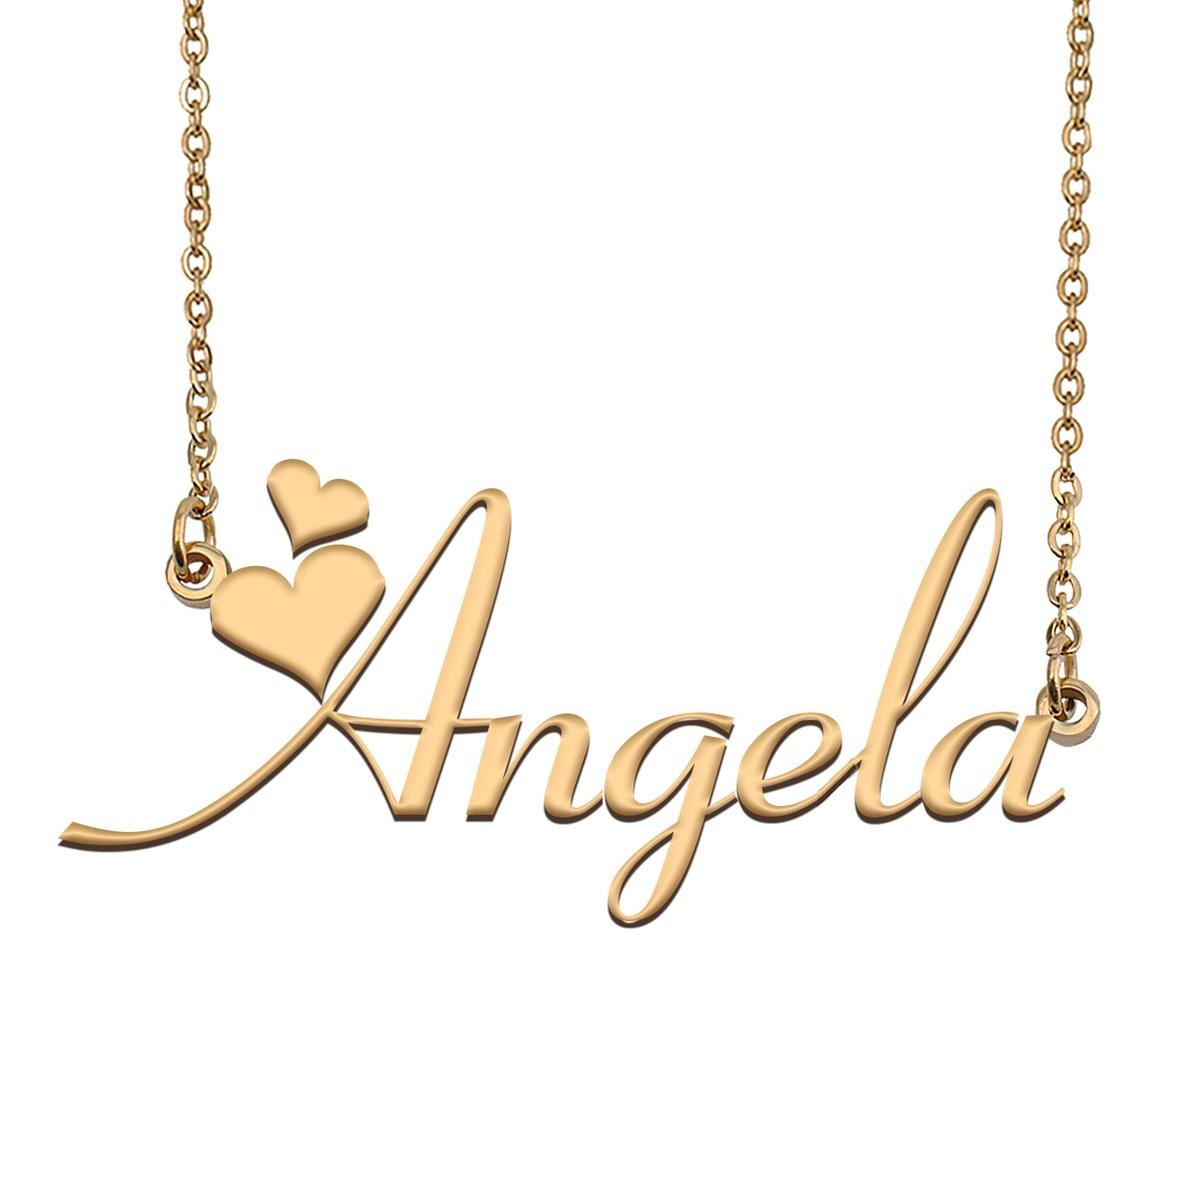 أنجيلا اسم قلادة شخصية الفولاذ المقاوم للصدأ المرأة المختنق 18k مطلية بالذهب الأبجدية قلادة بحرف مجوهرات أصدقاء هدية